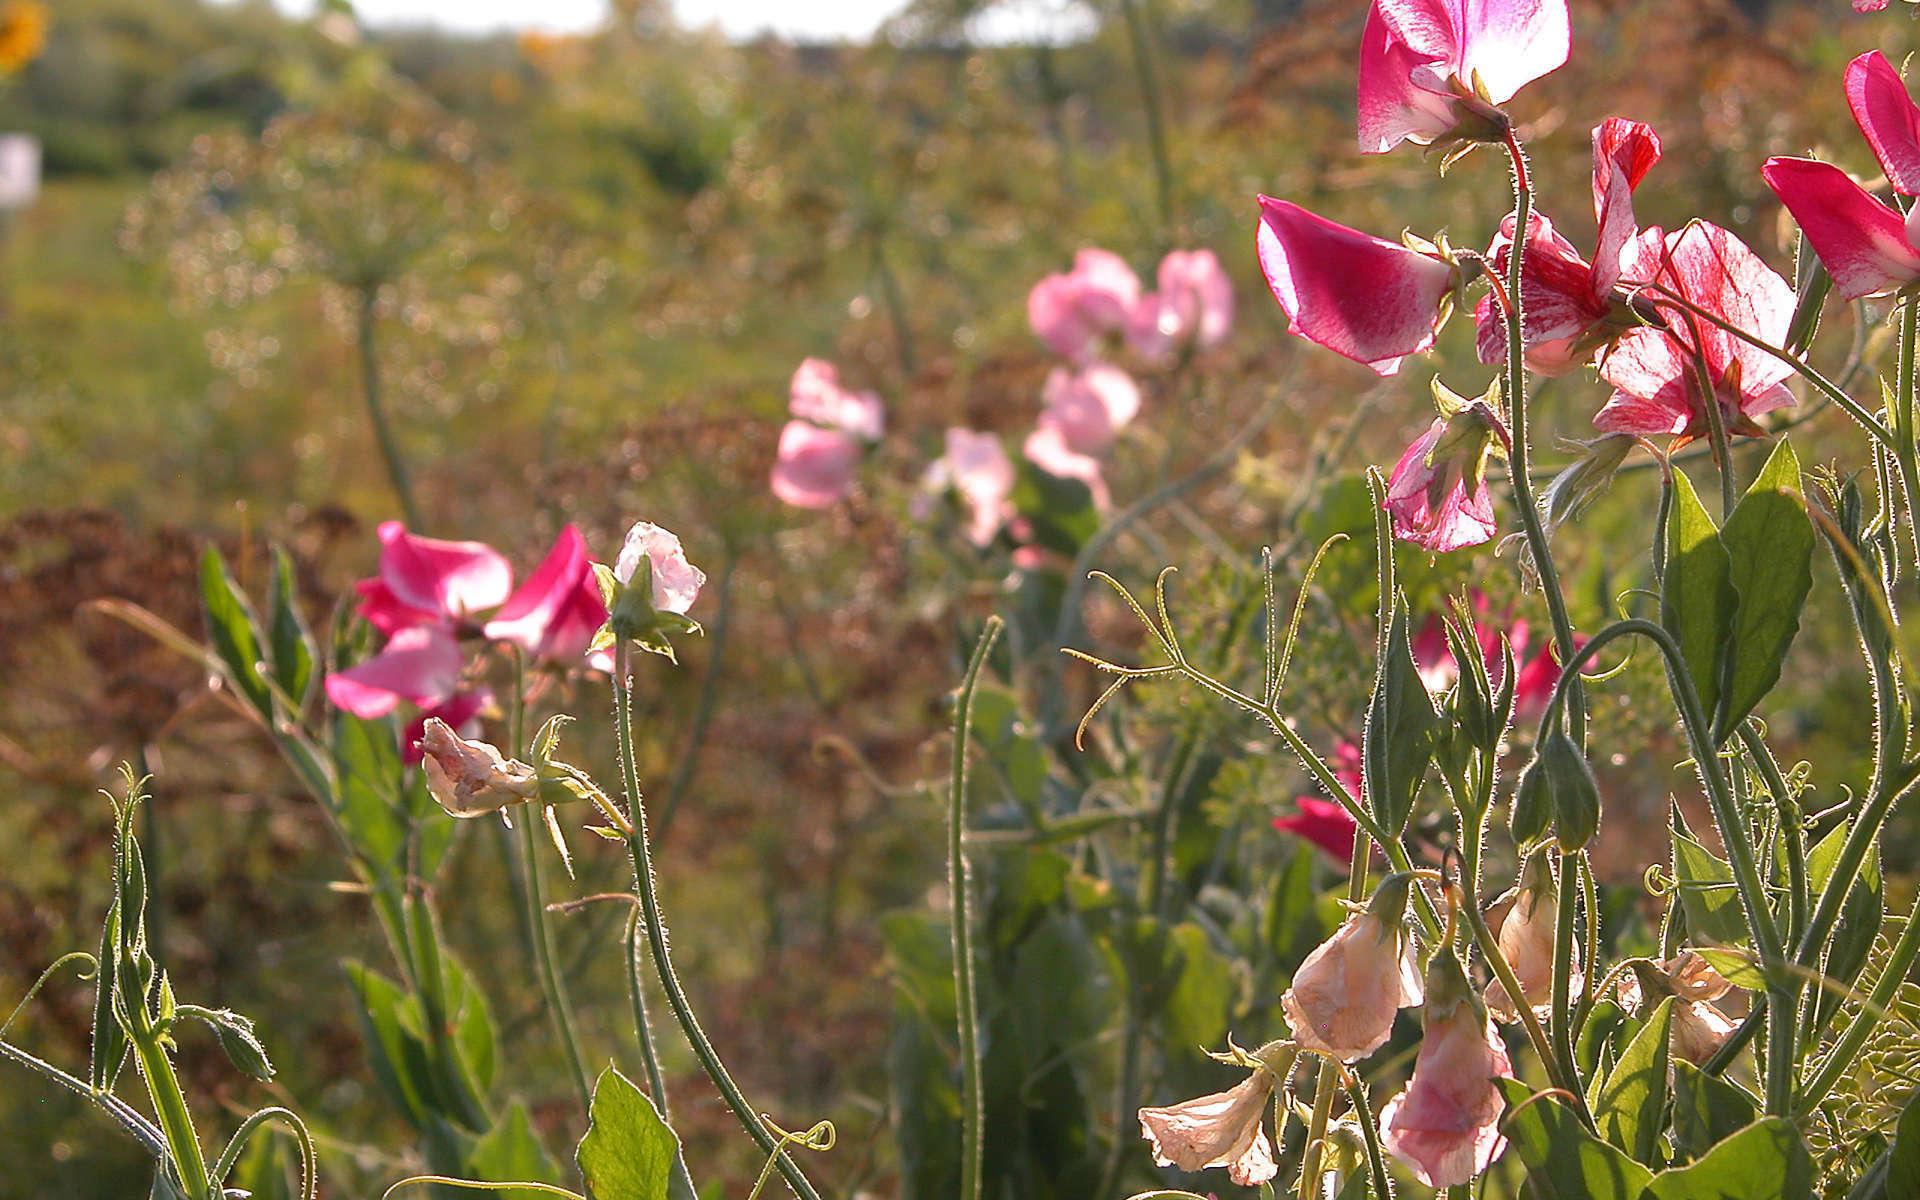 Pois de senteur (Crédits: Carl Lewis - Flickr)